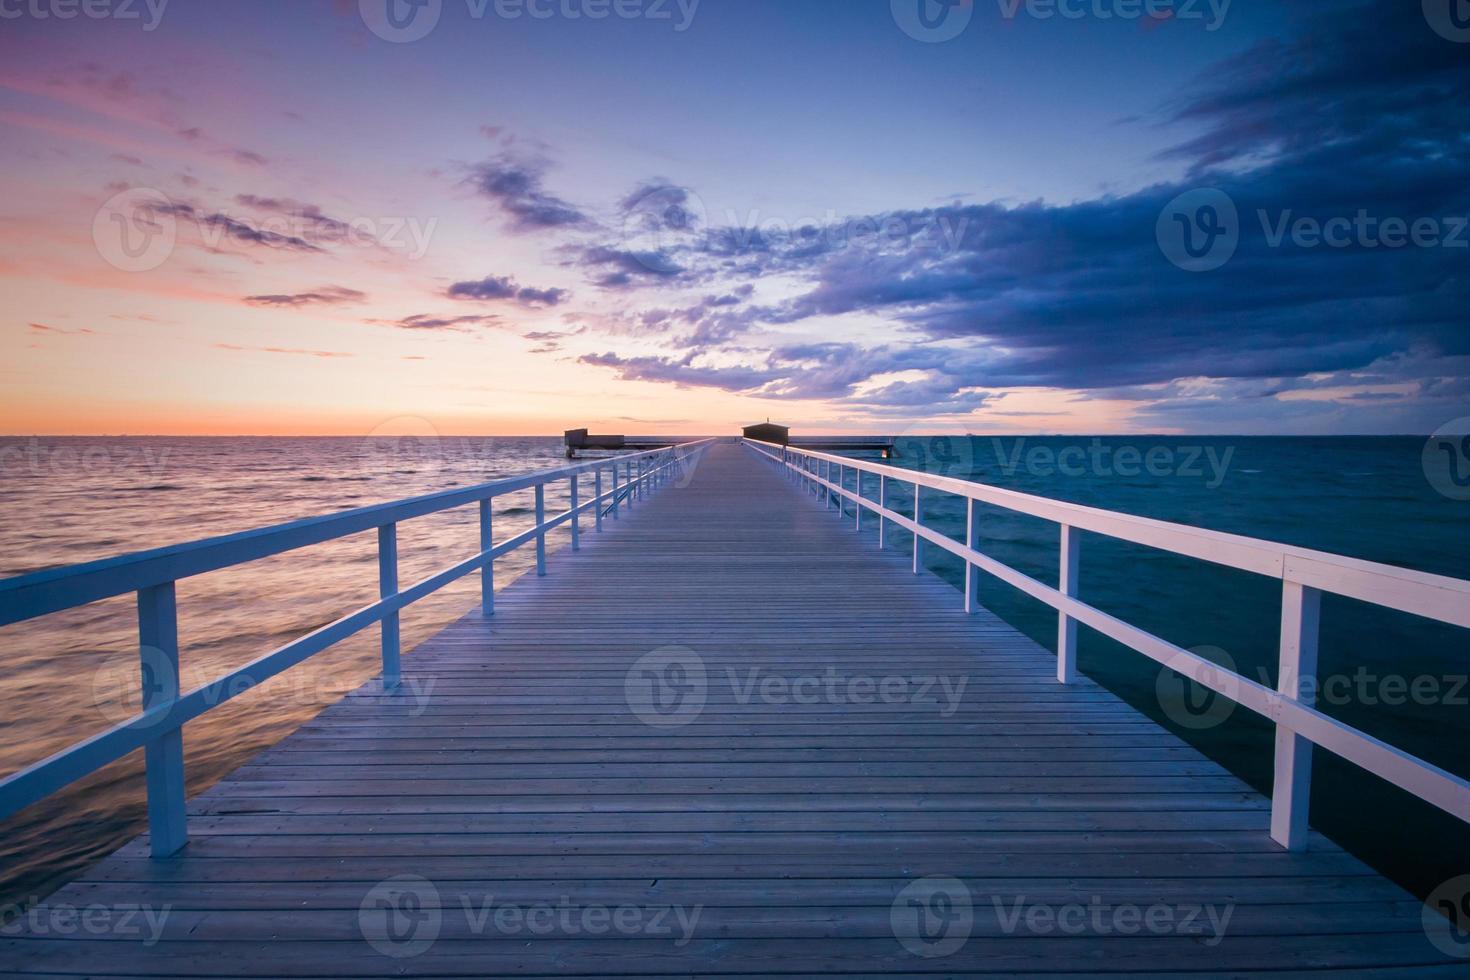 Muelle en Malmoe, Suecia durante una puesta de sol foto